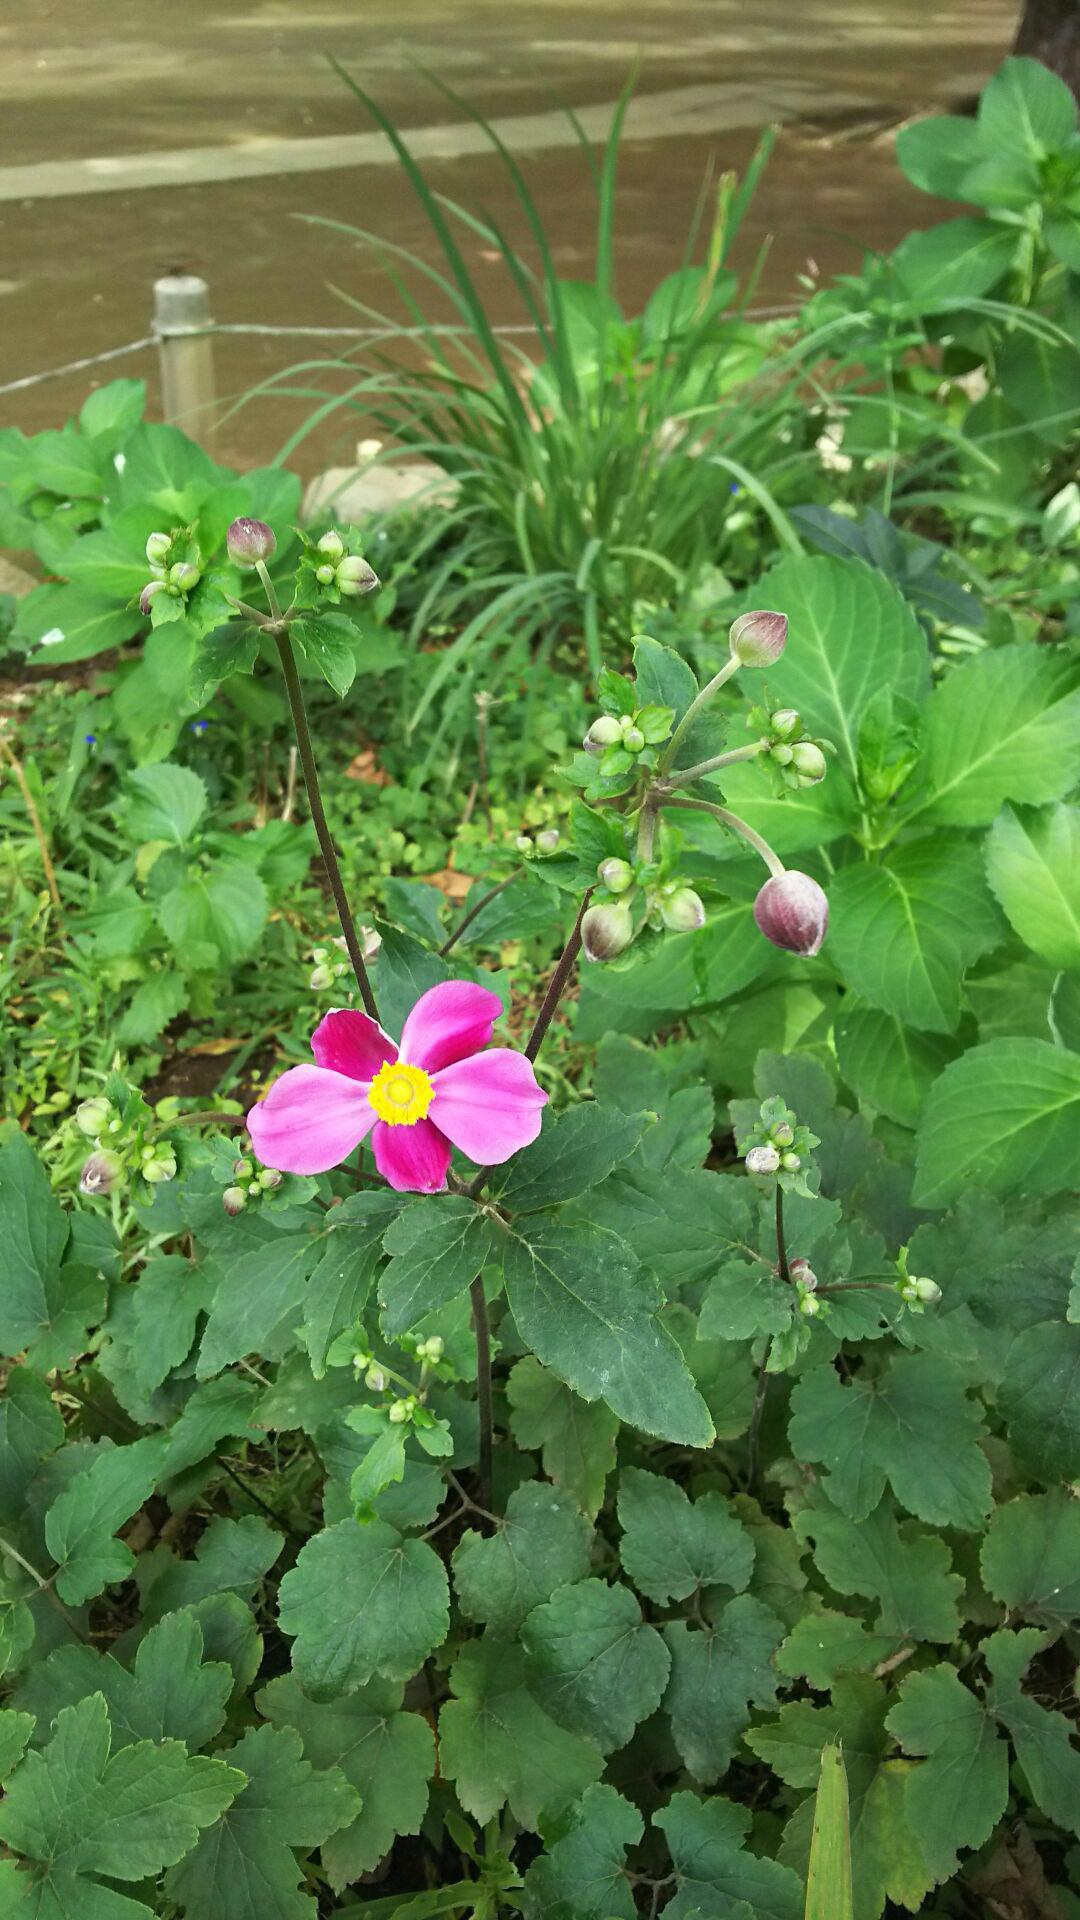 楽しい週末のひととき ~シュウメイギク(ピンク)~_a0107574_13052832.jpg